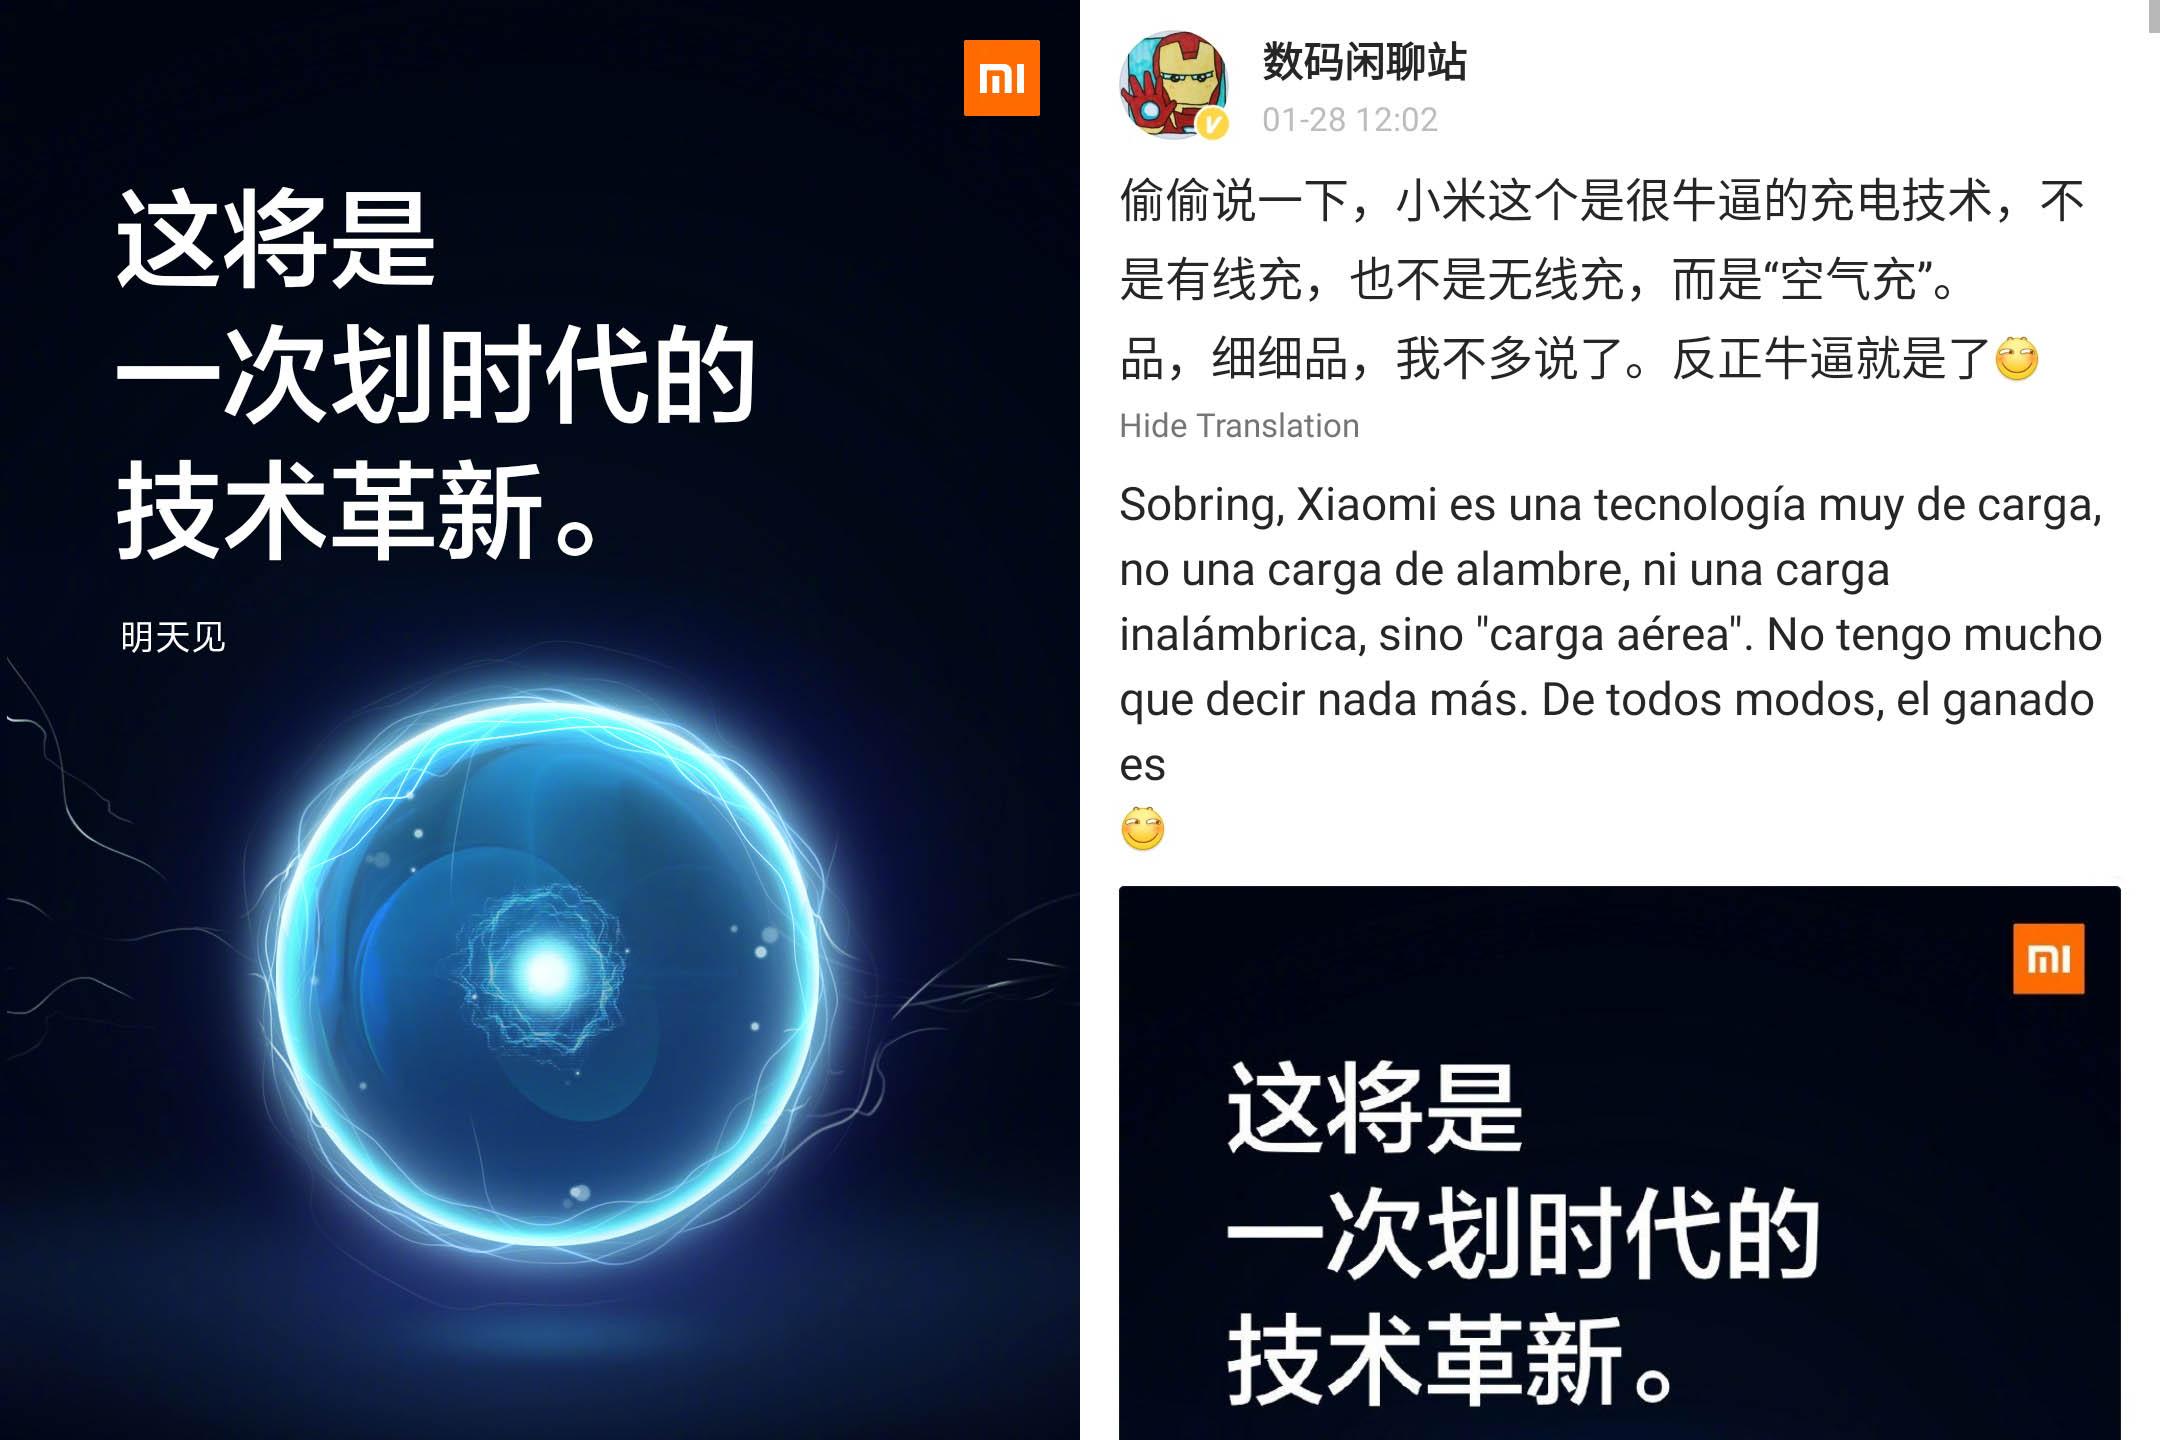 Air Charging, la tecnología revolucionaria con la que Xiaomi quiere sorprendernos. Noticias Xiaomi Adictos